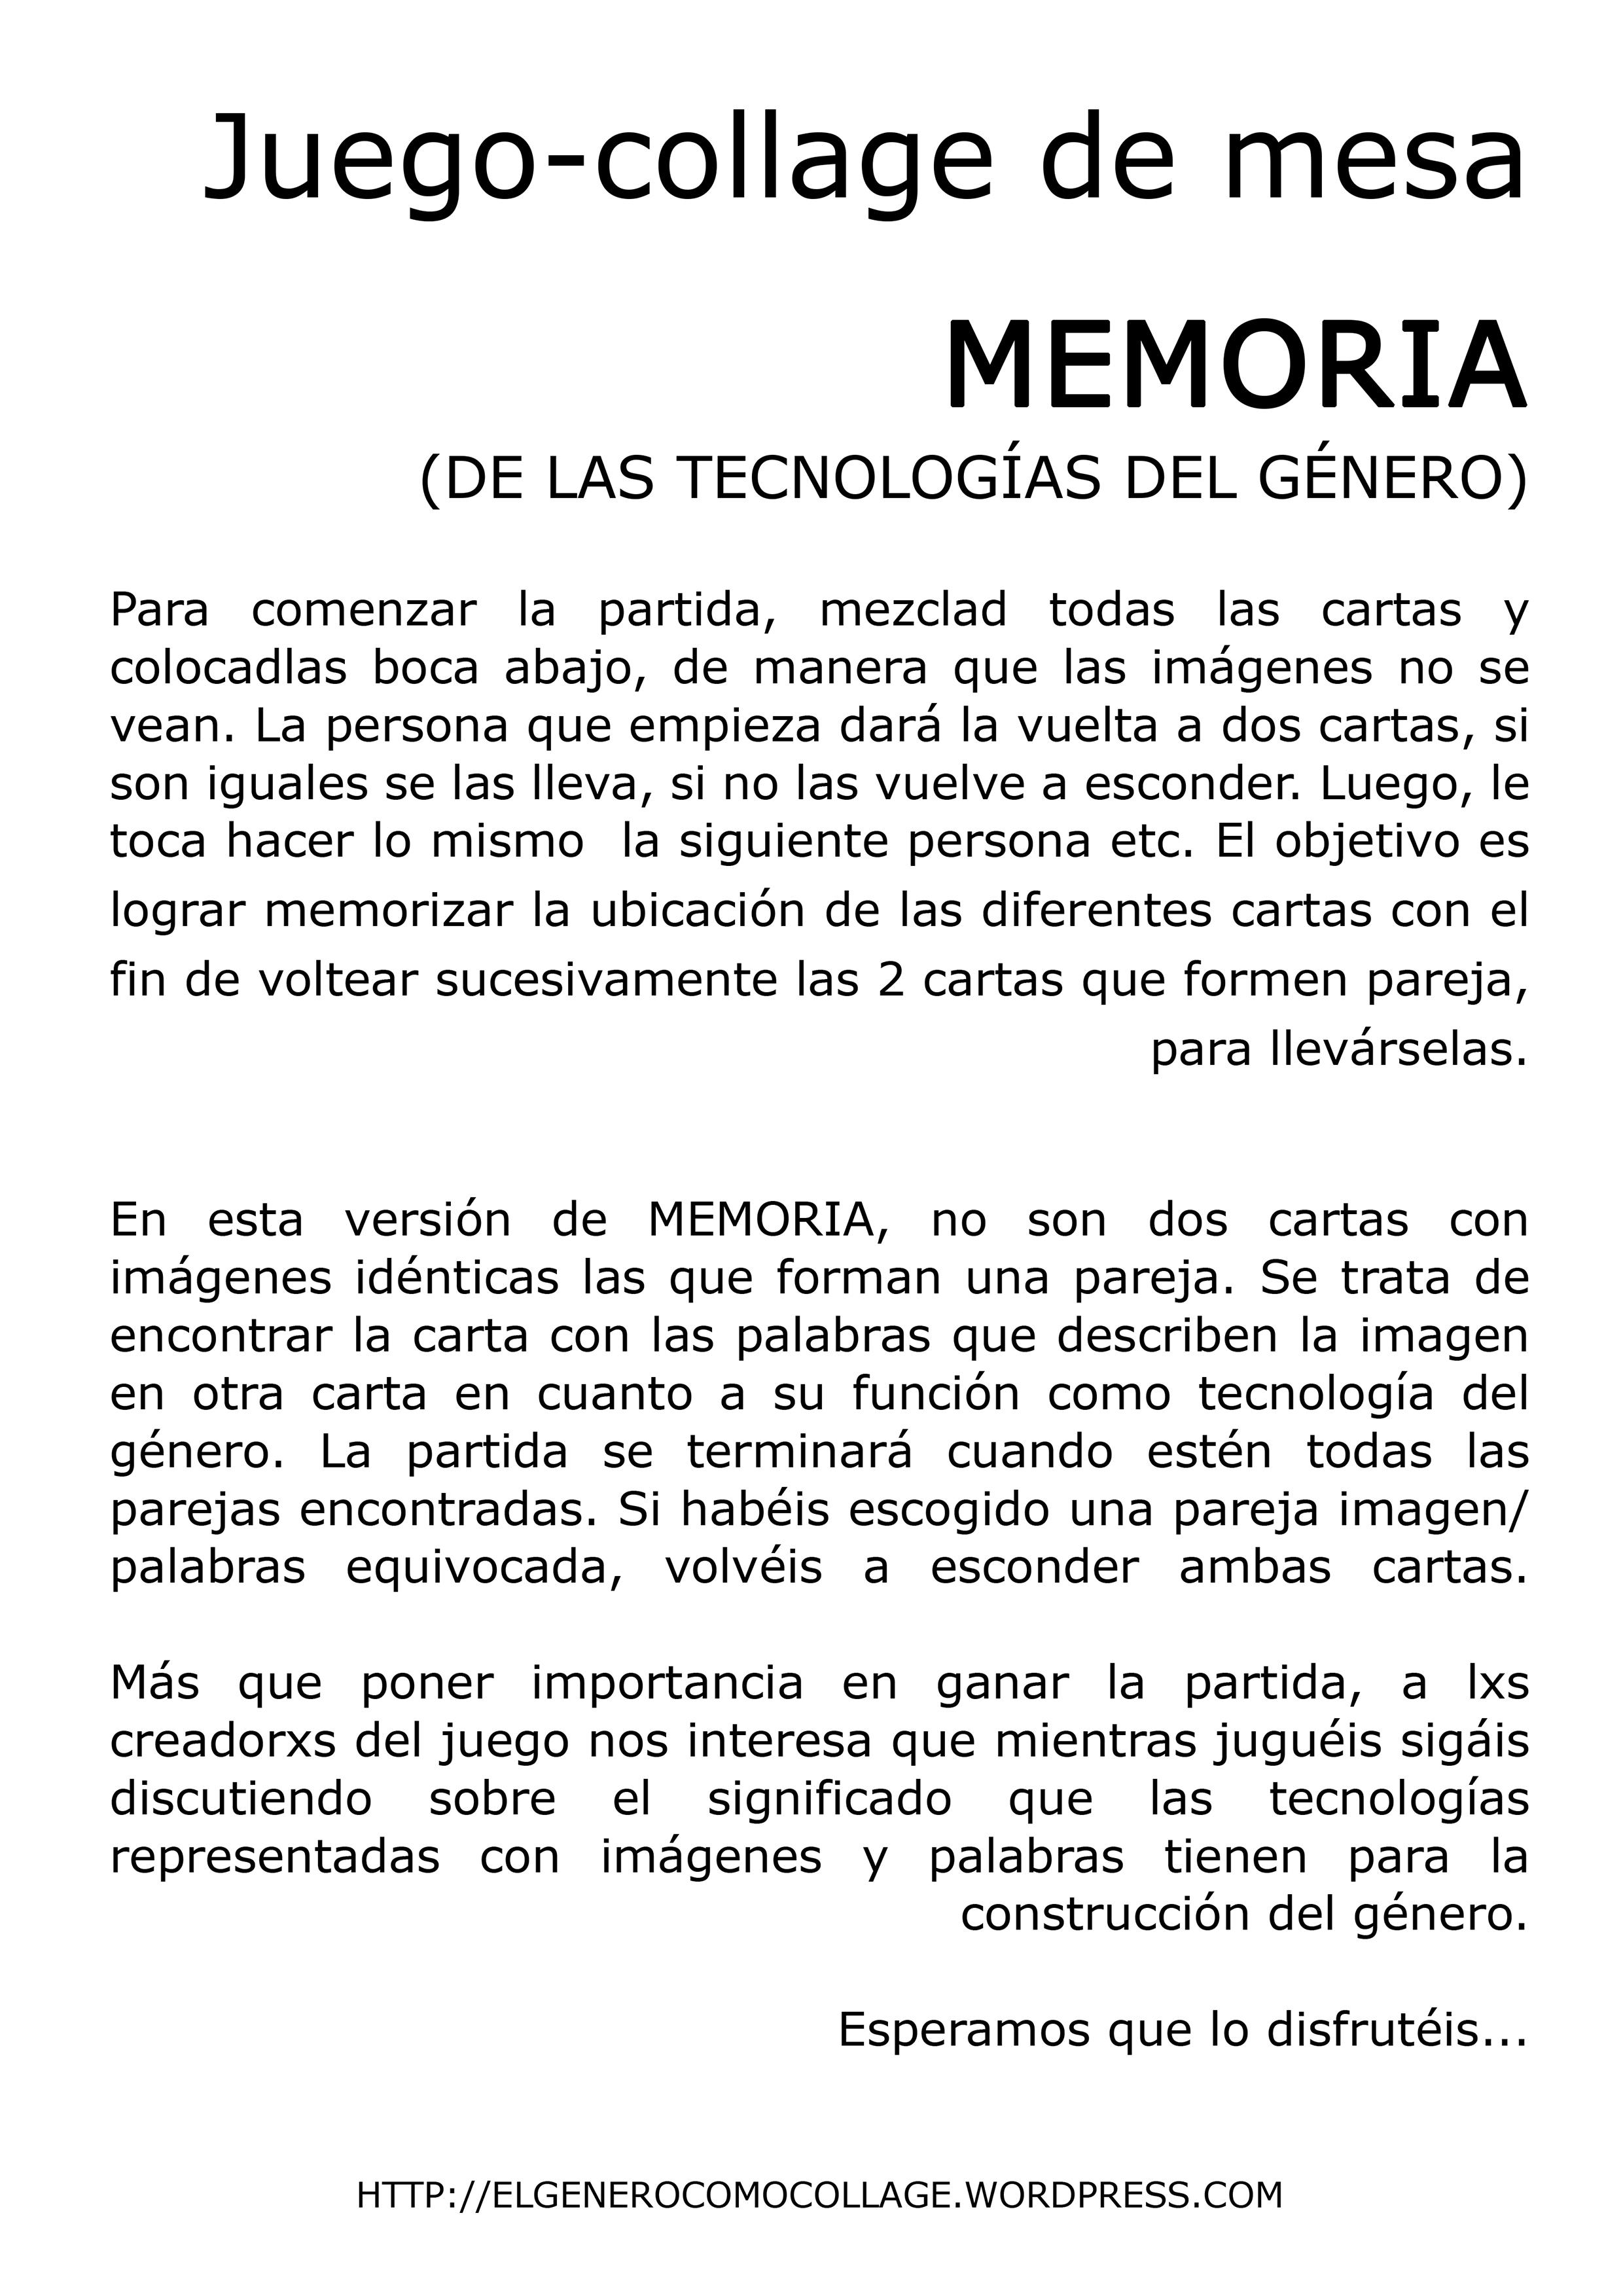 Memoria De Las Tecnologias Del Genero Parejas Imagen Texto